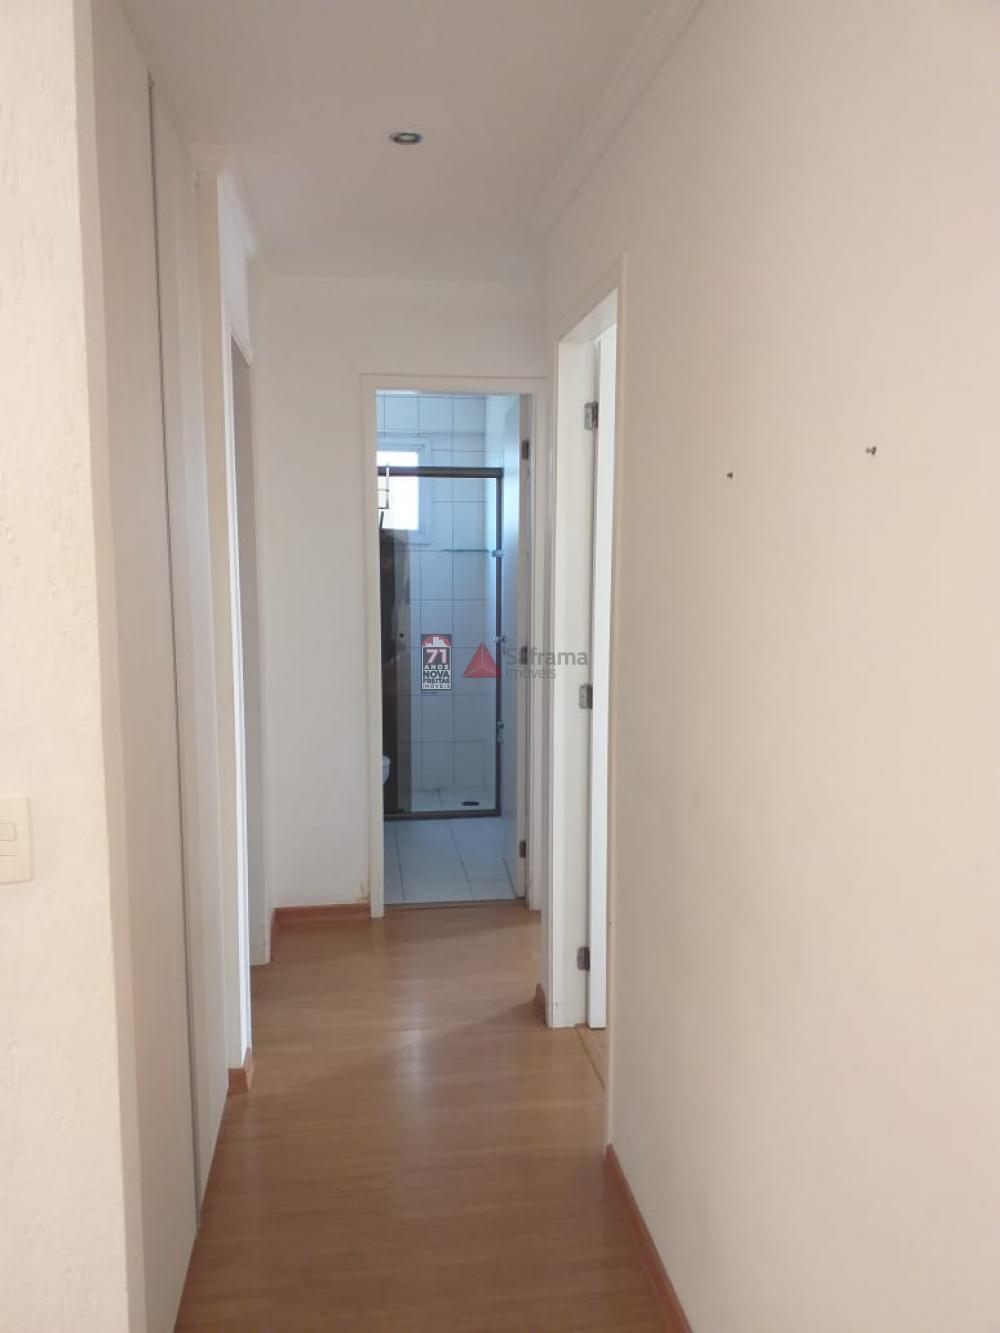 Comprar Apartamento / Padrão em São José dos Campos apenas R$ 550.000,00 - Foto 12